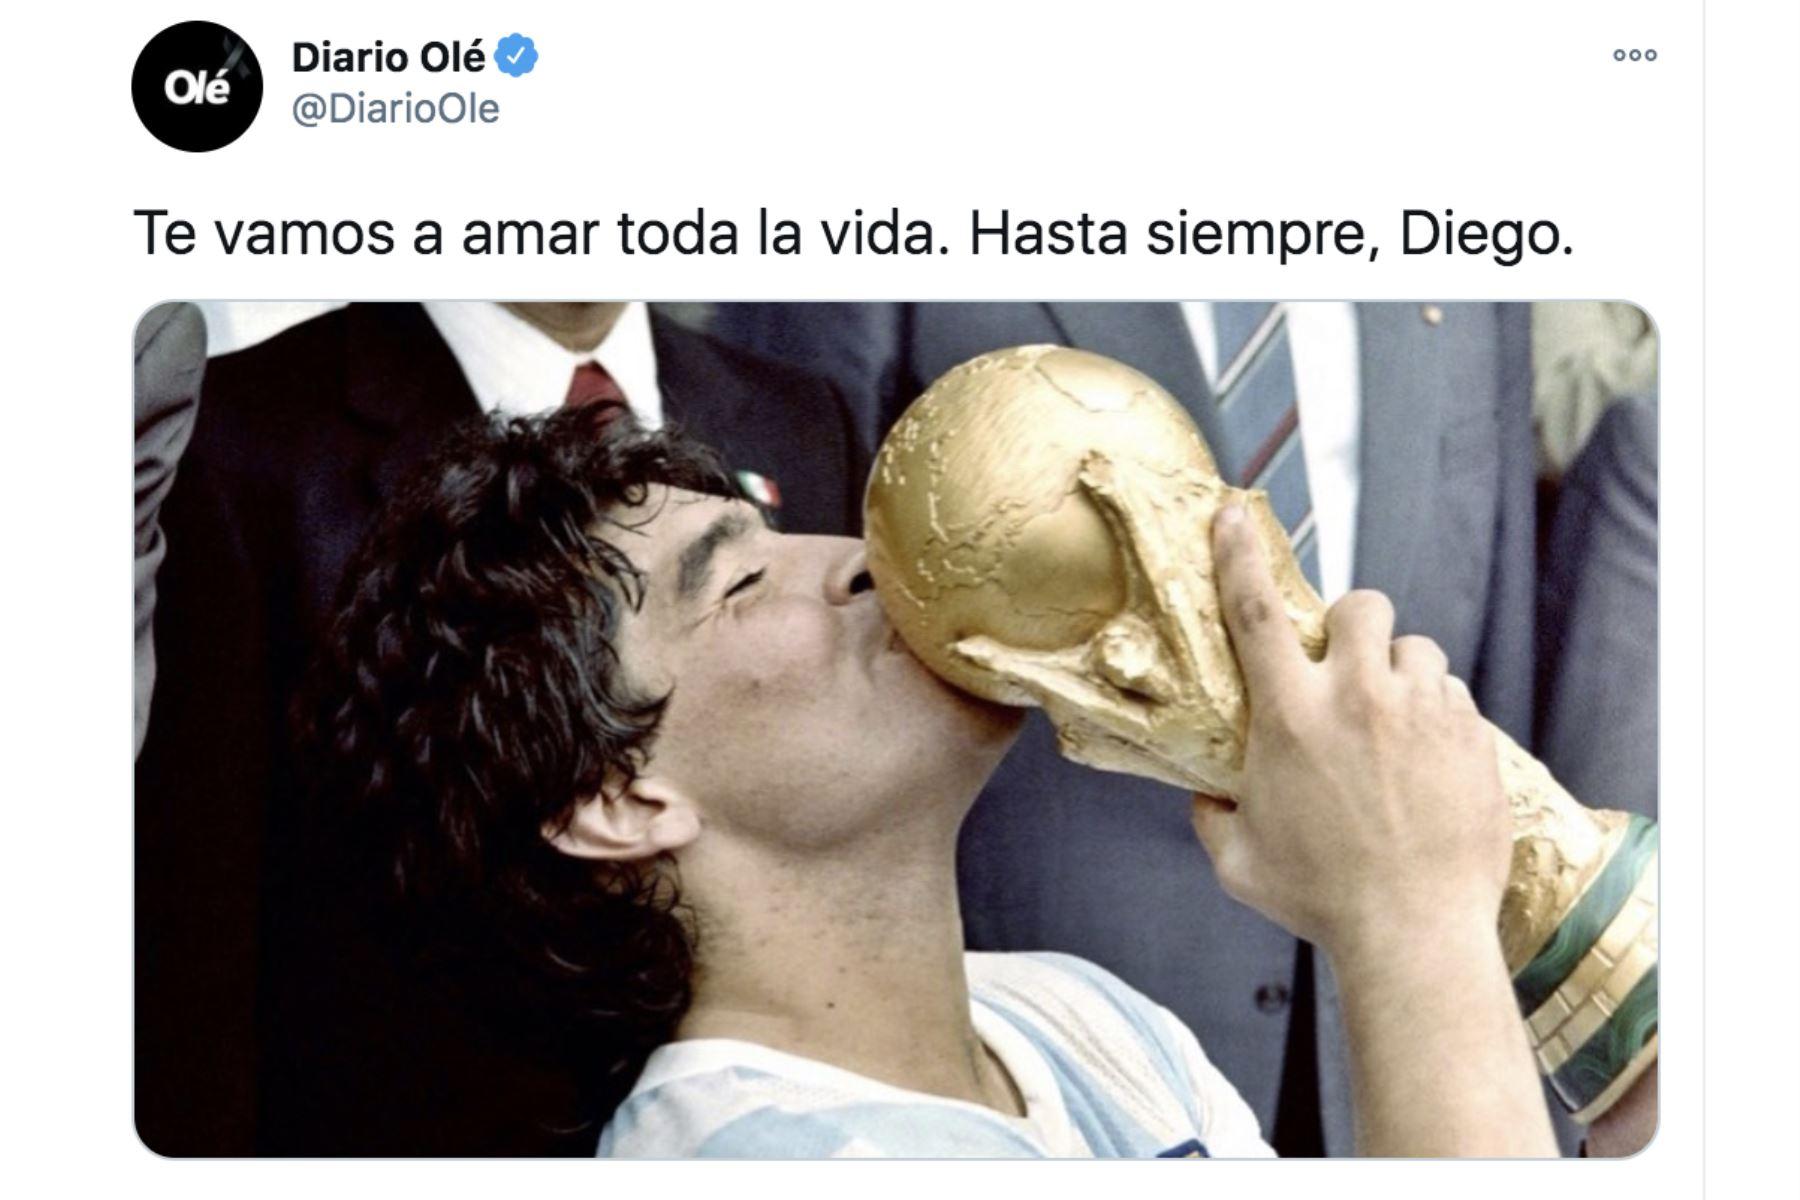 Así informa la prensa mundial la muerte de Diego Armando Maradona. Diario Olé.